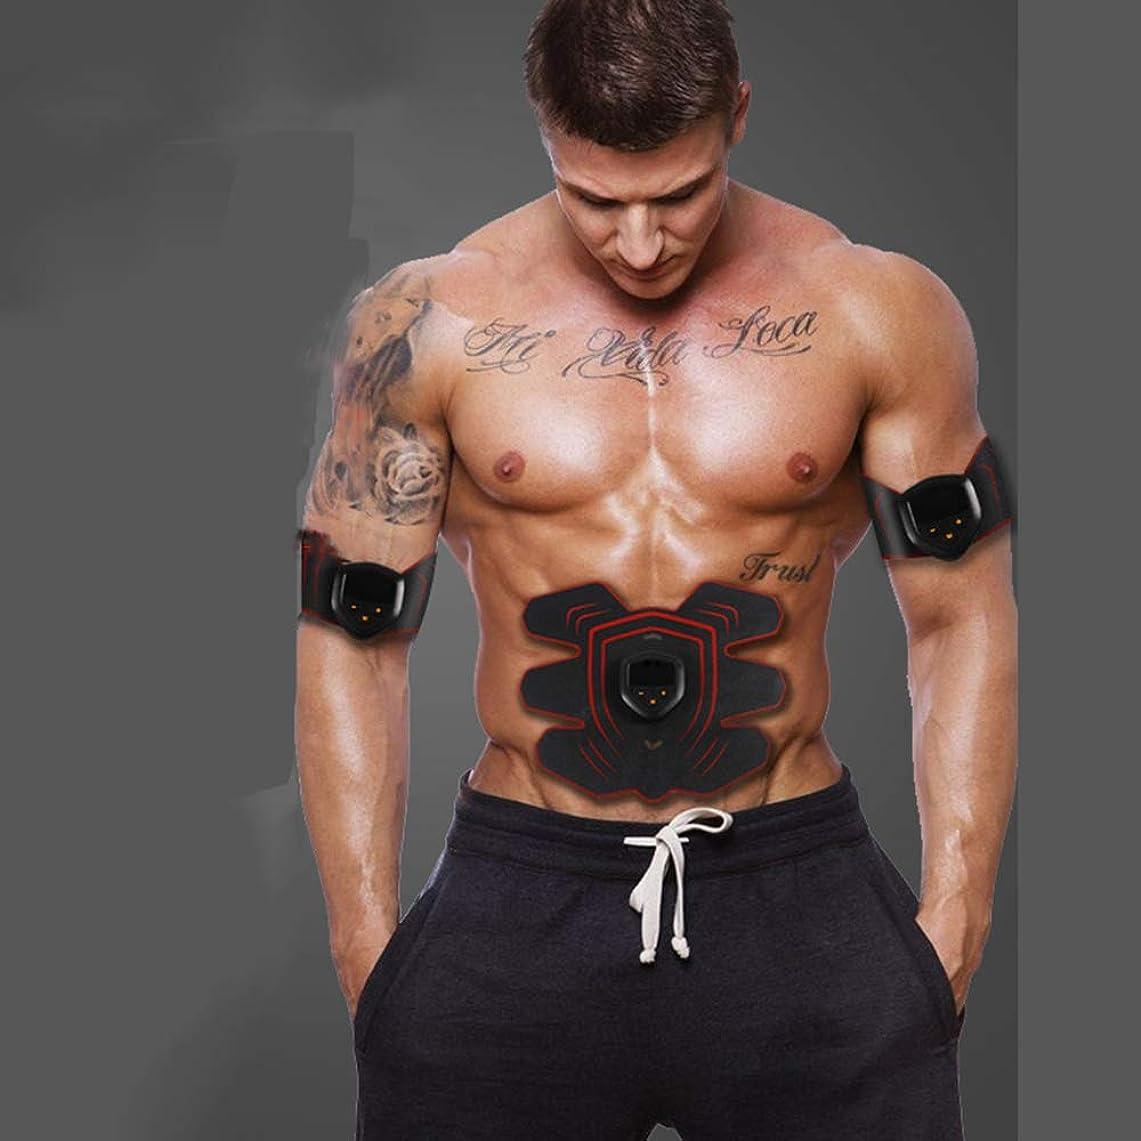 盟主花教義USB電気腹部装置EMS筋肉刺激装置ボディフィットネスマッサージ装置腹筋運動スポーツフィットネス機器ユニセックス